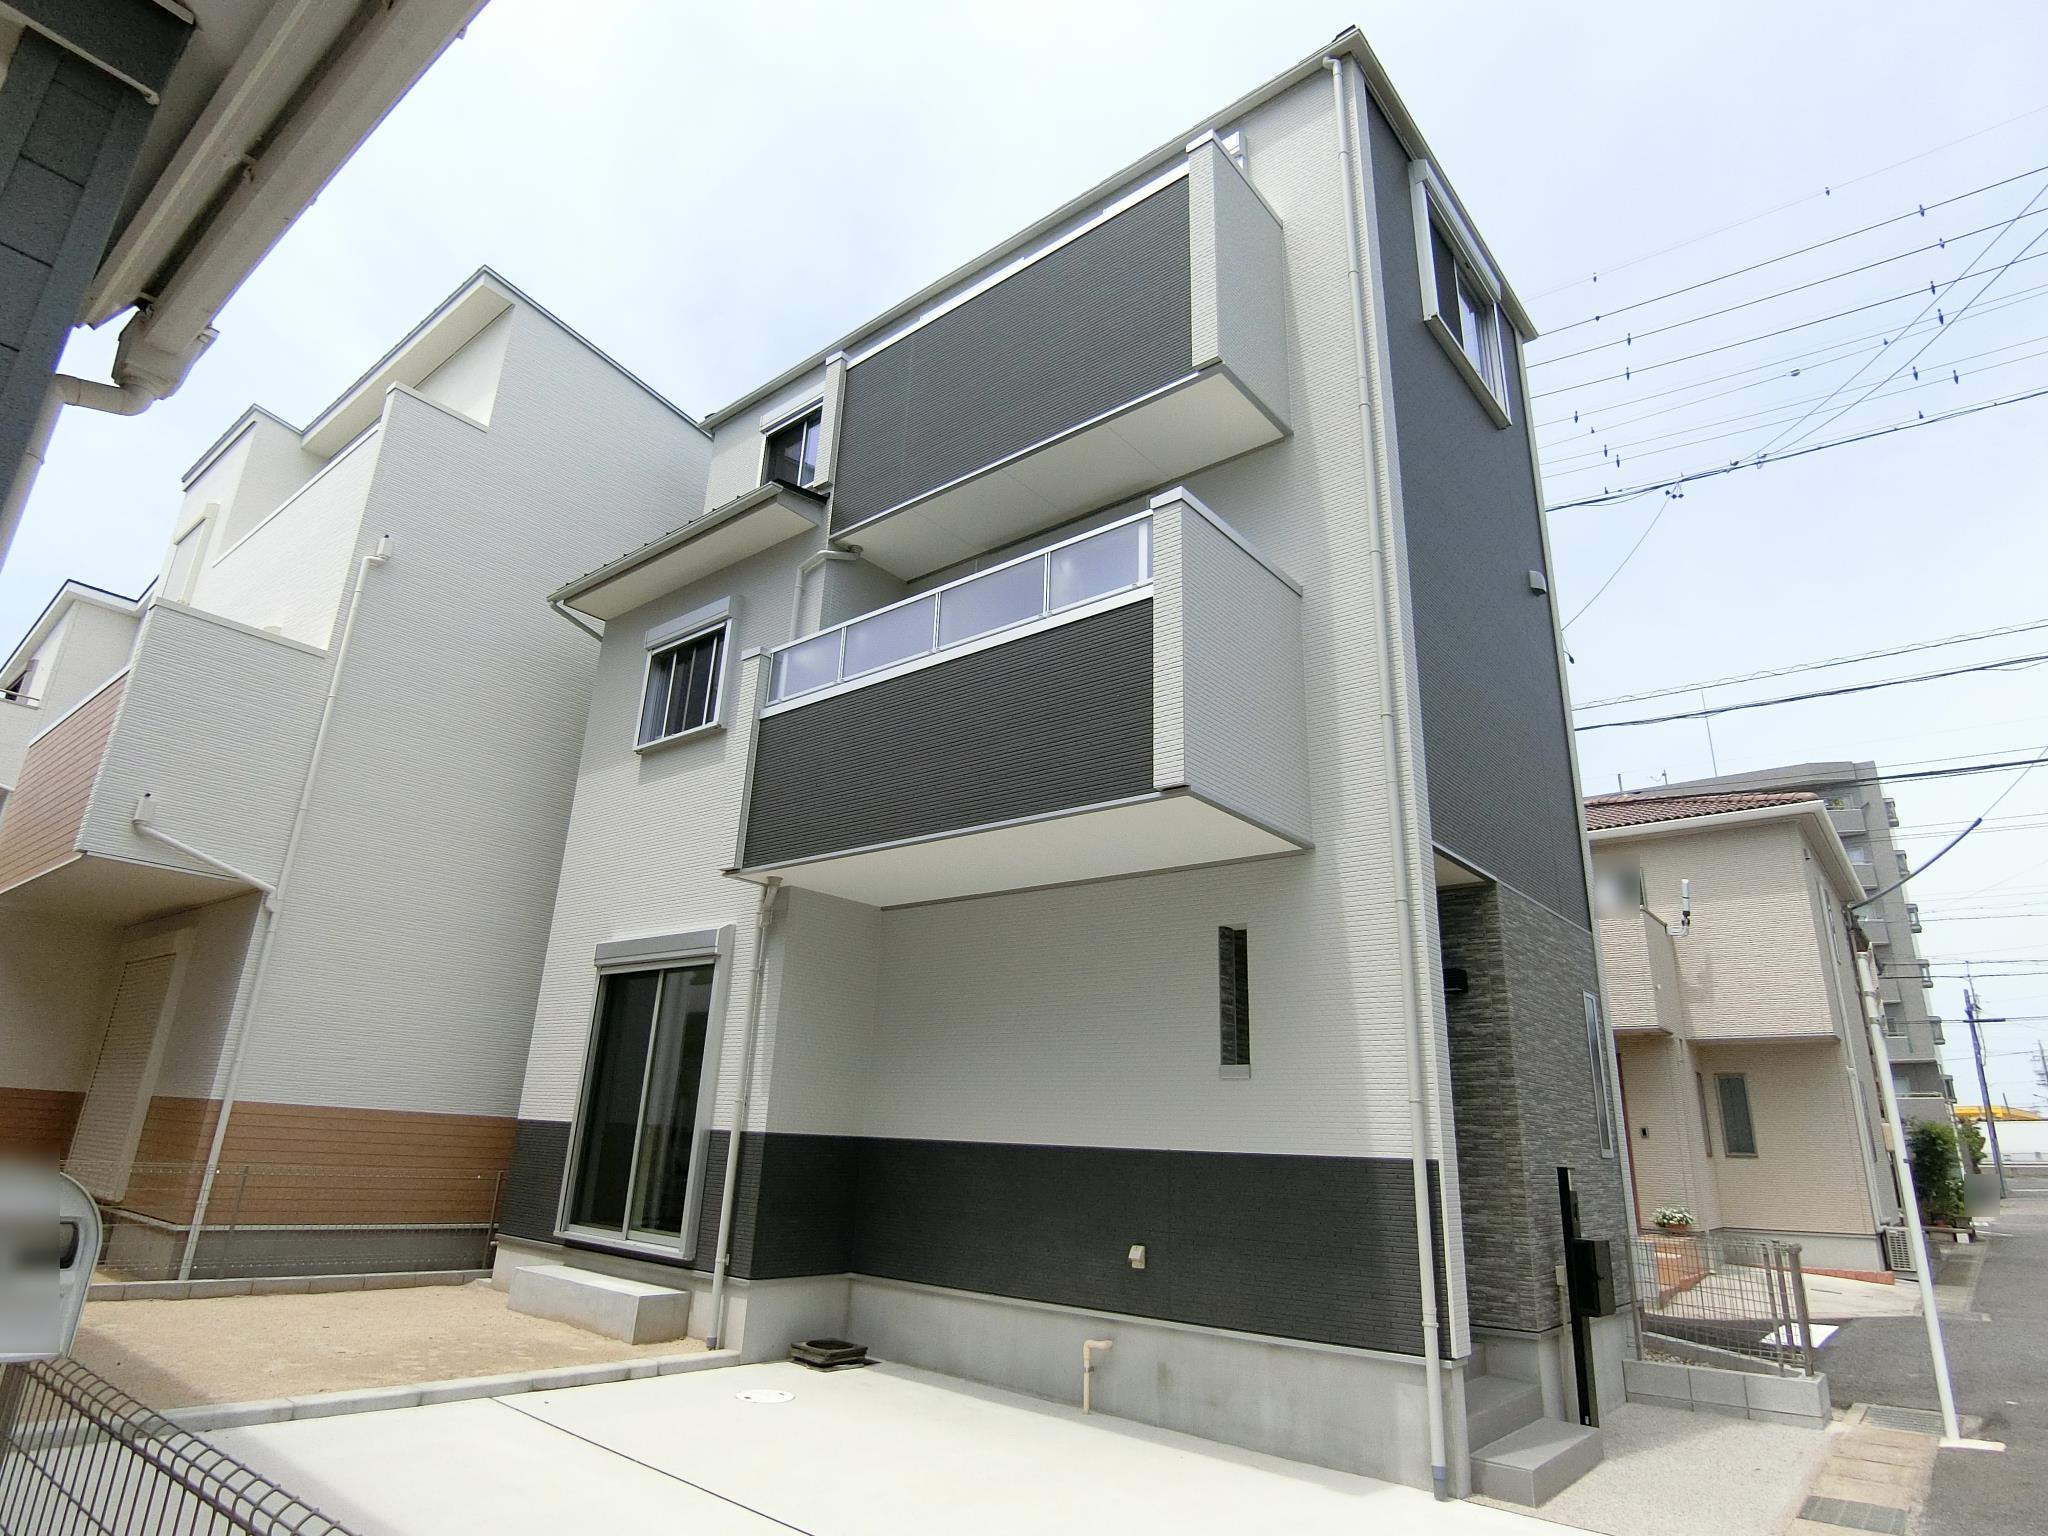 【北区のランド】岩倉・本町上郷の家